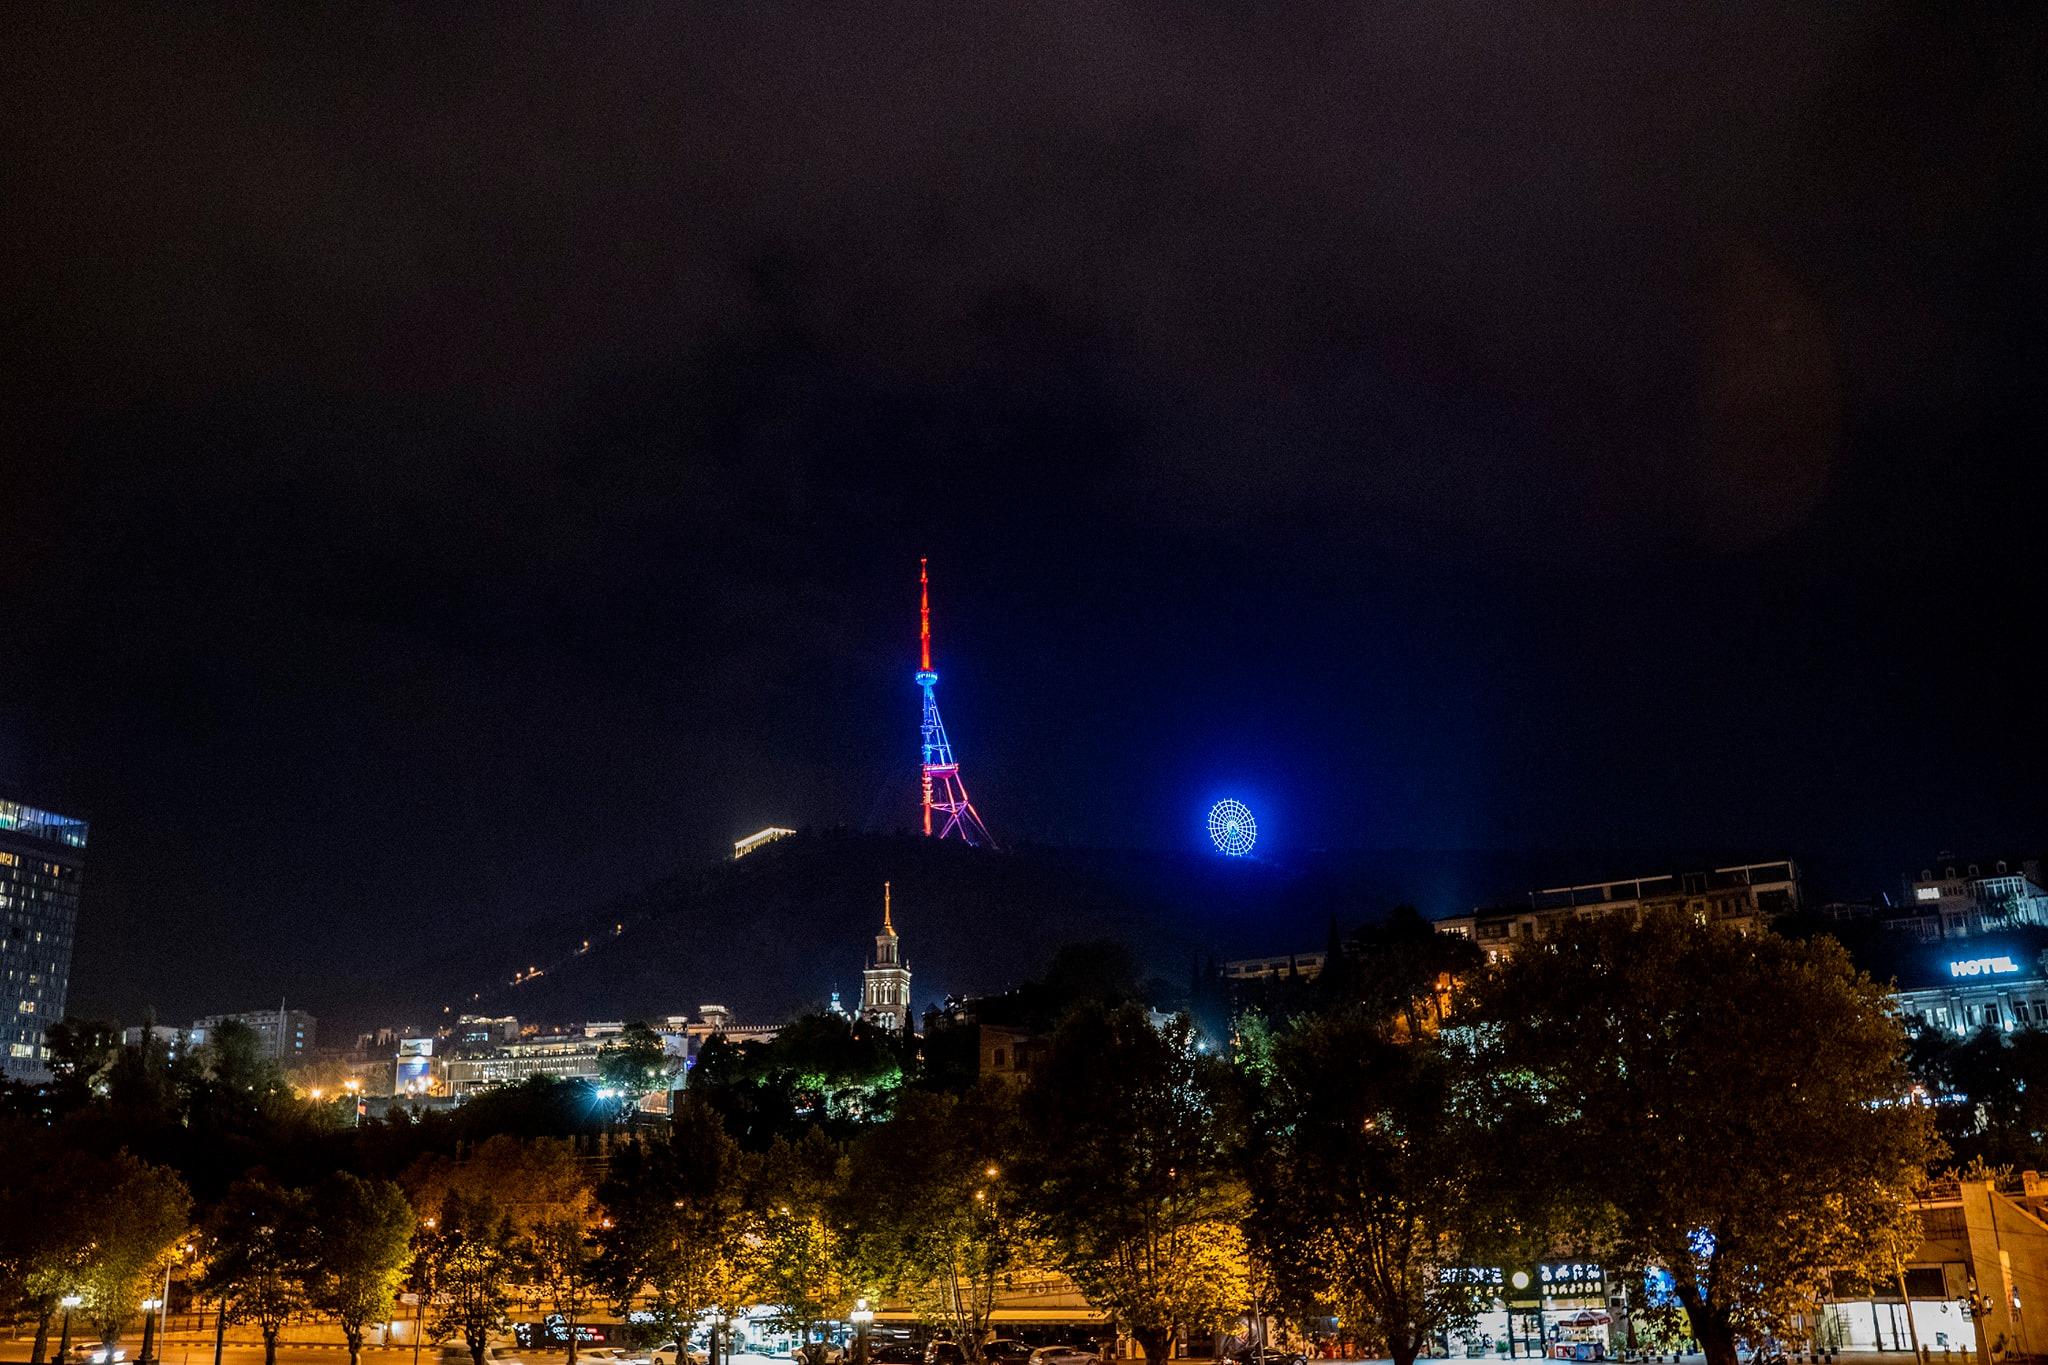 Անկախության տոնի առթիվ Հայոց եռագույնով պատված հեռուստաաշտարկն ու գիշերային հիասքանչ Թբիլիսին